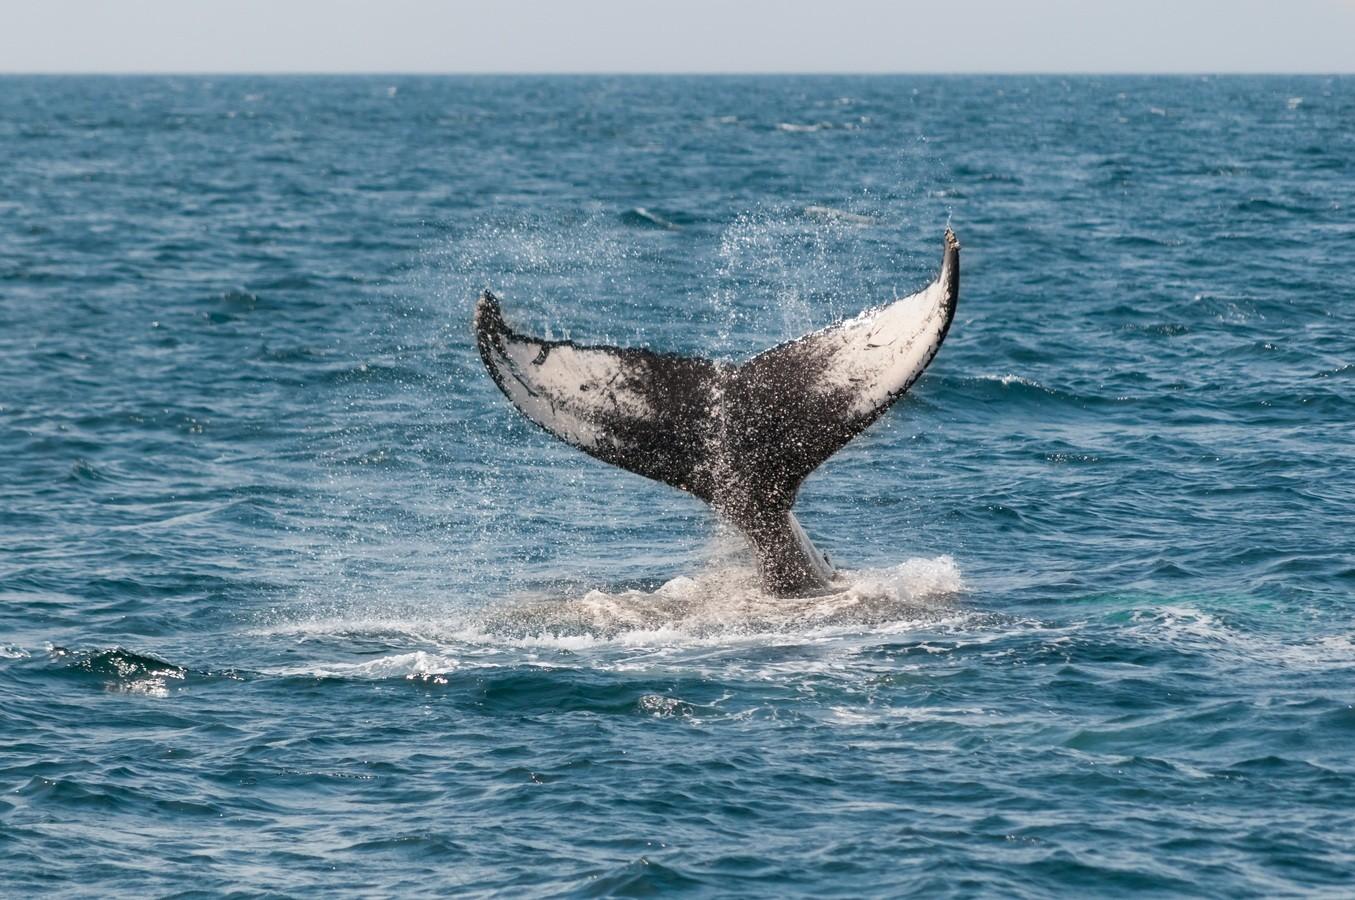 Baleia  jubarte possui técnicas diferentes para capturar sua refeição (Foto: Pxhere)